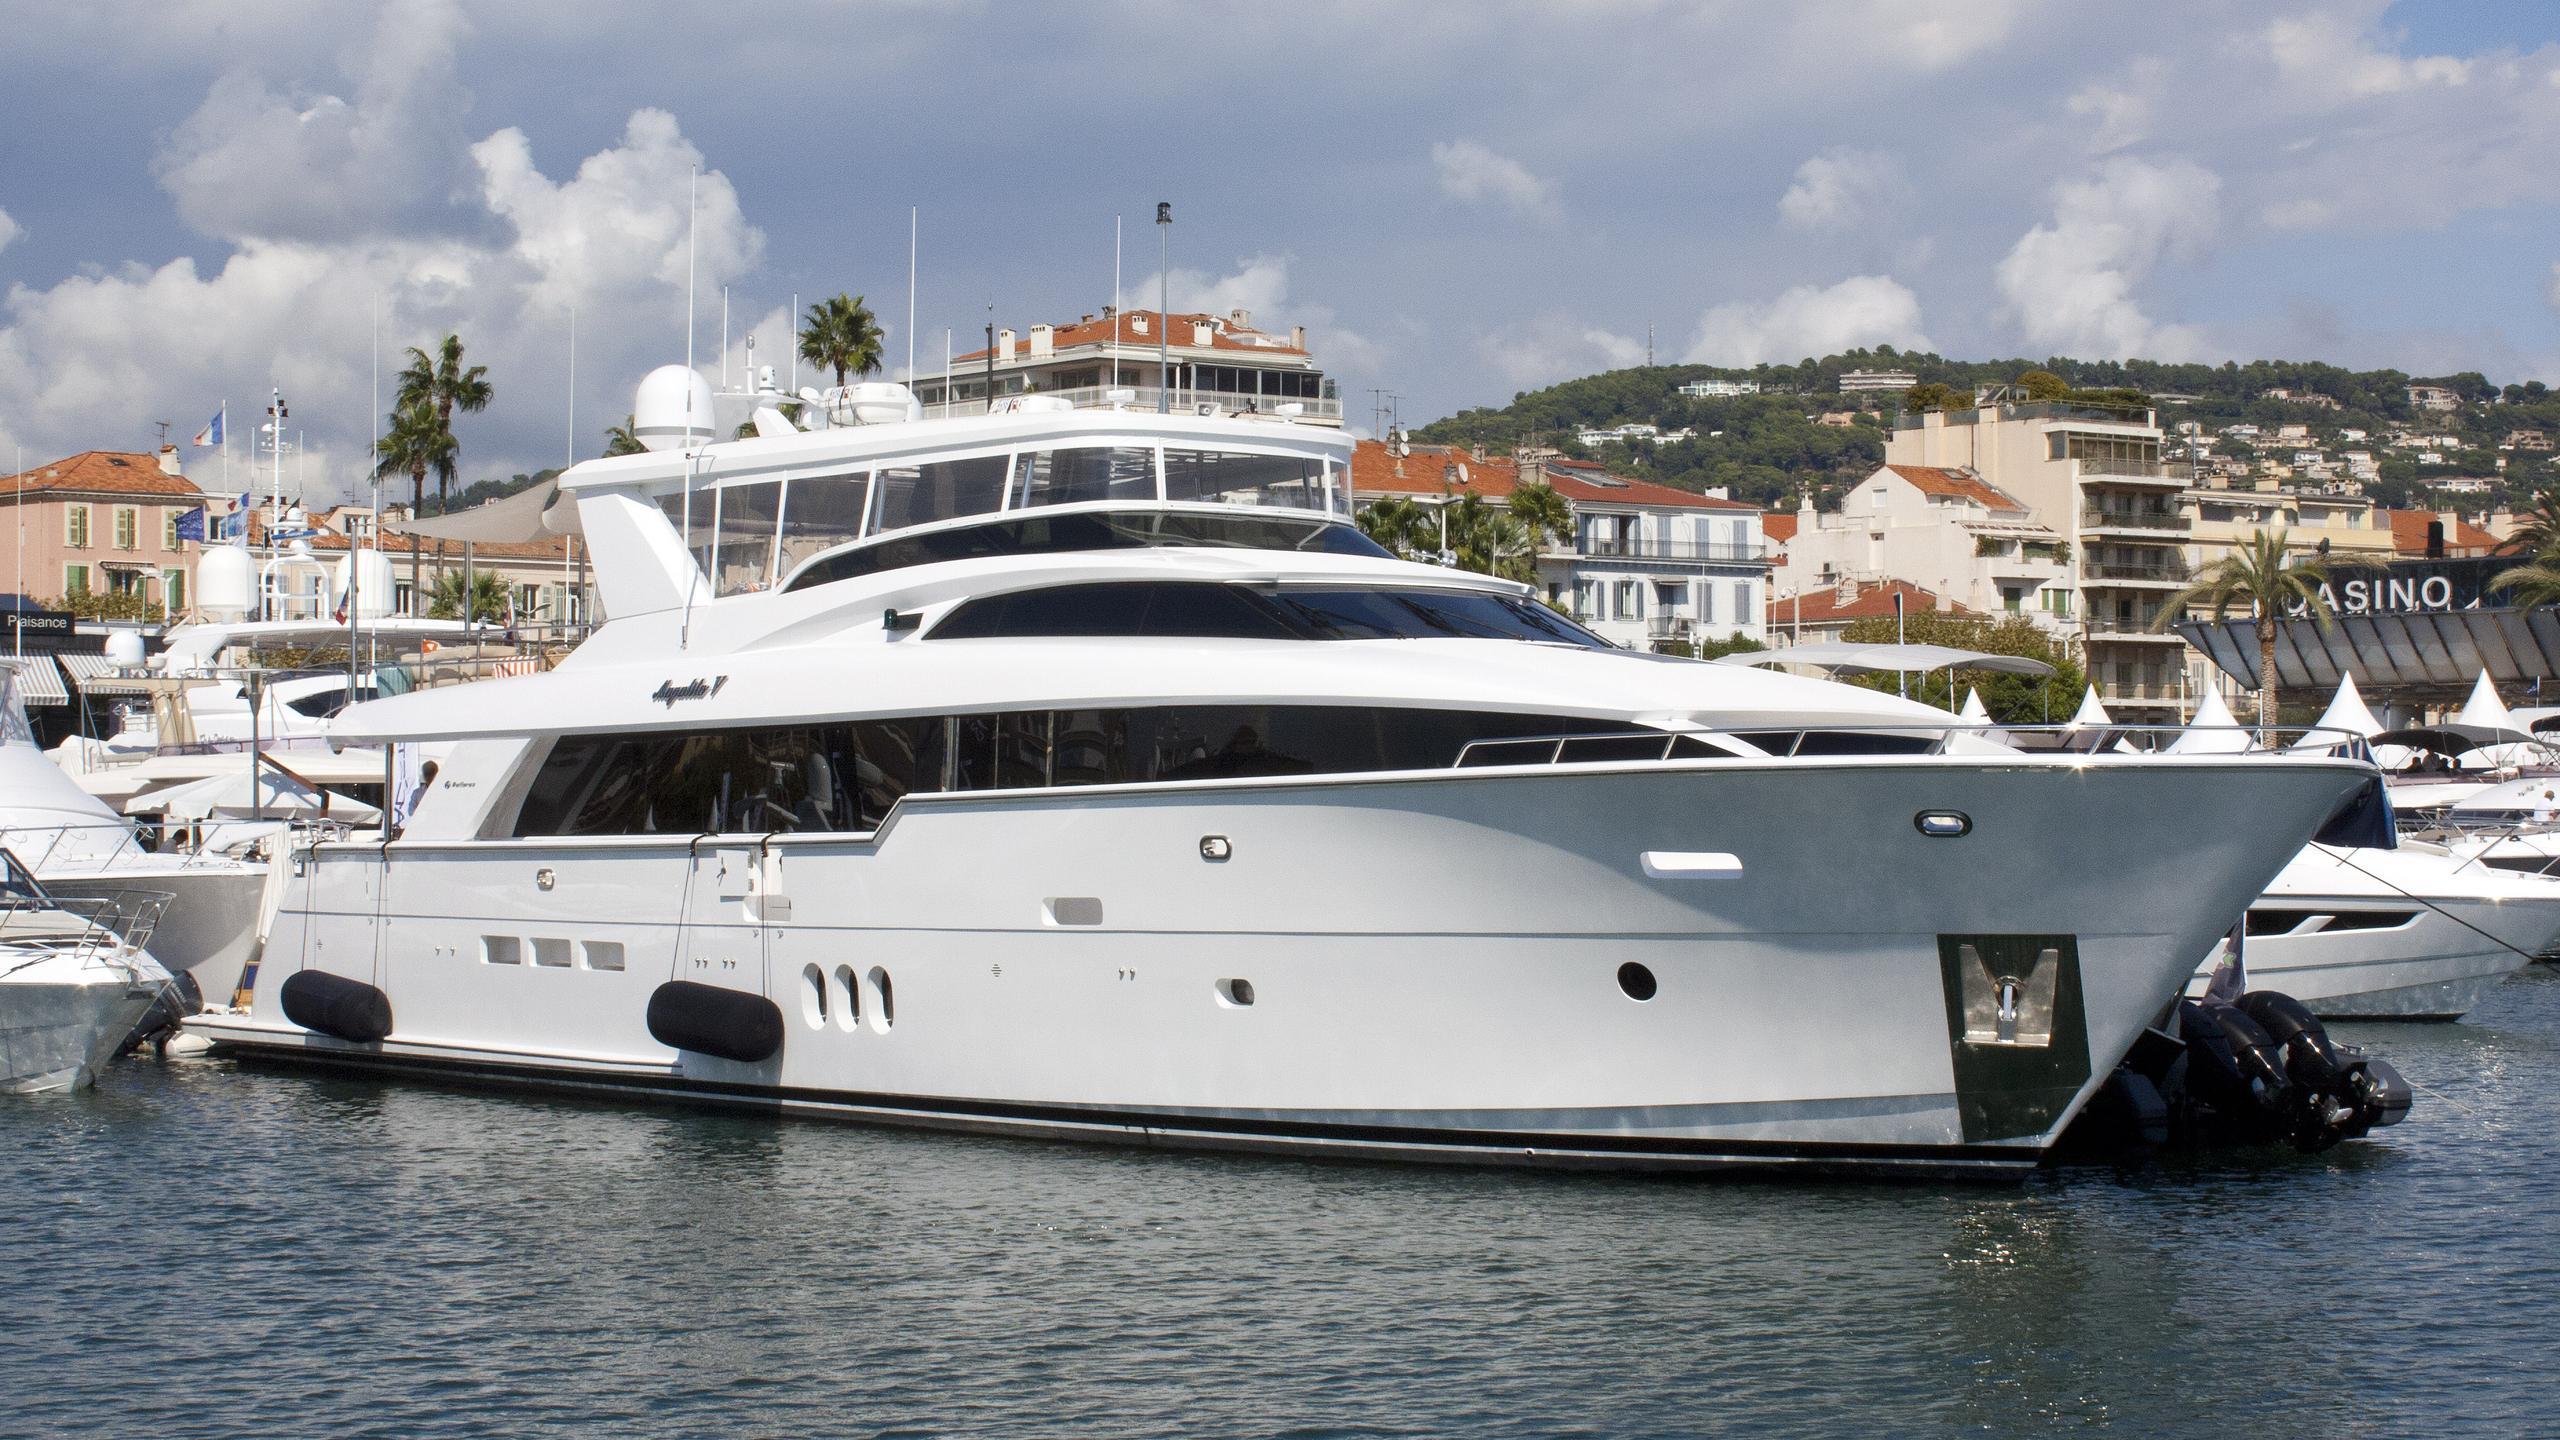 magalita-v-motor-yacht-hatteras-100RPH-2014-31m-half-profile